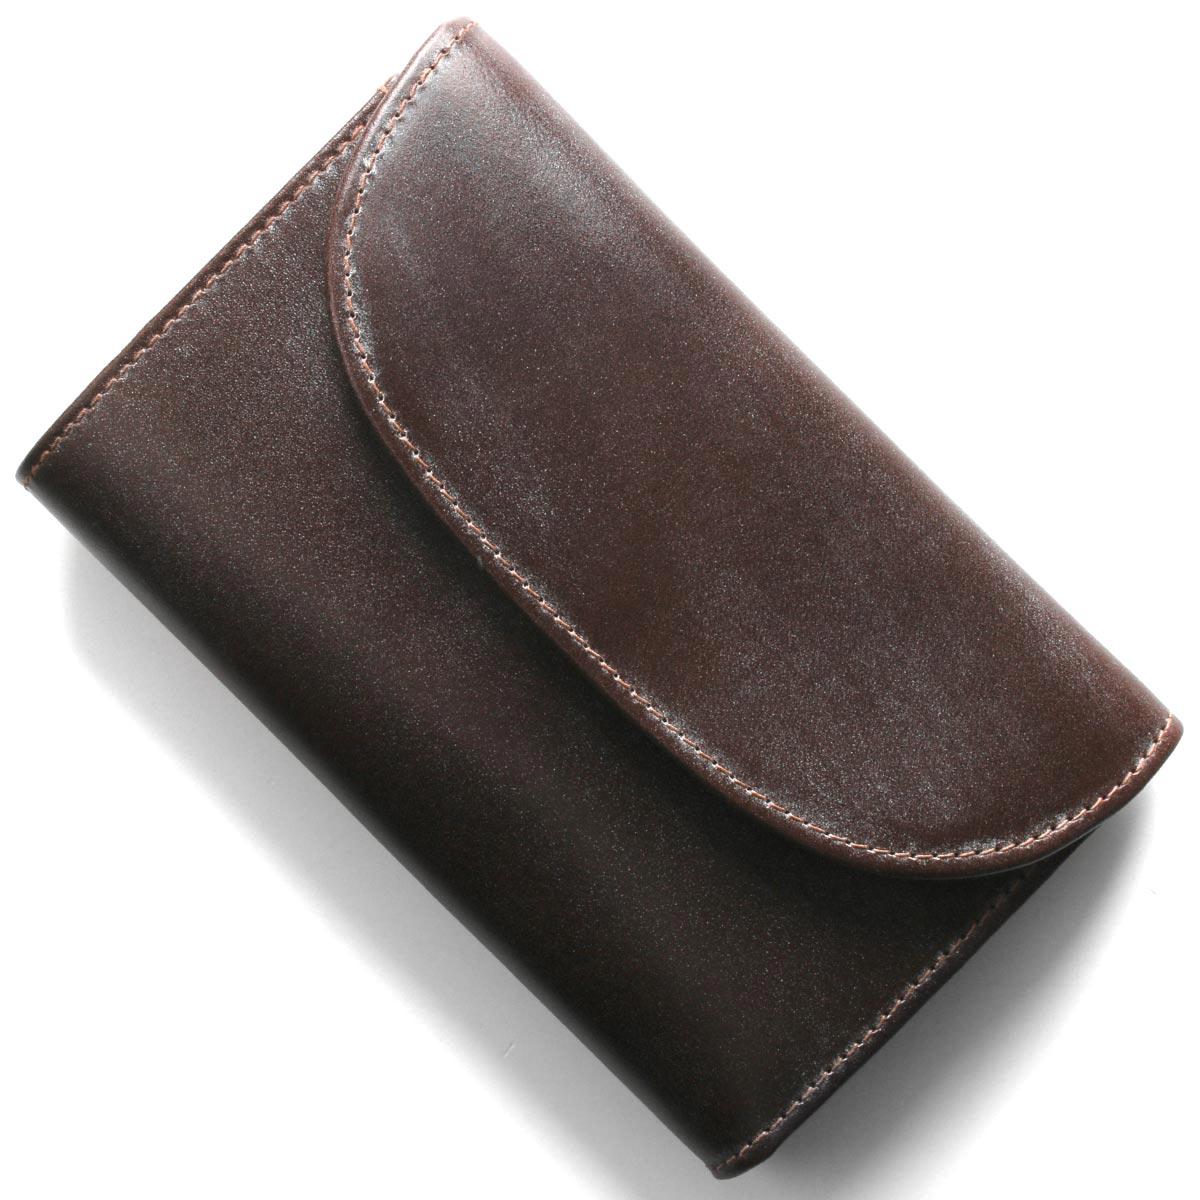 ホワイトハウスコックス 三つ折り財布 財布 メンズ エイジング ハバナブラウン&ニュートンブラウン S1112 HAVANA NEWTON WHITEHOUSE COX